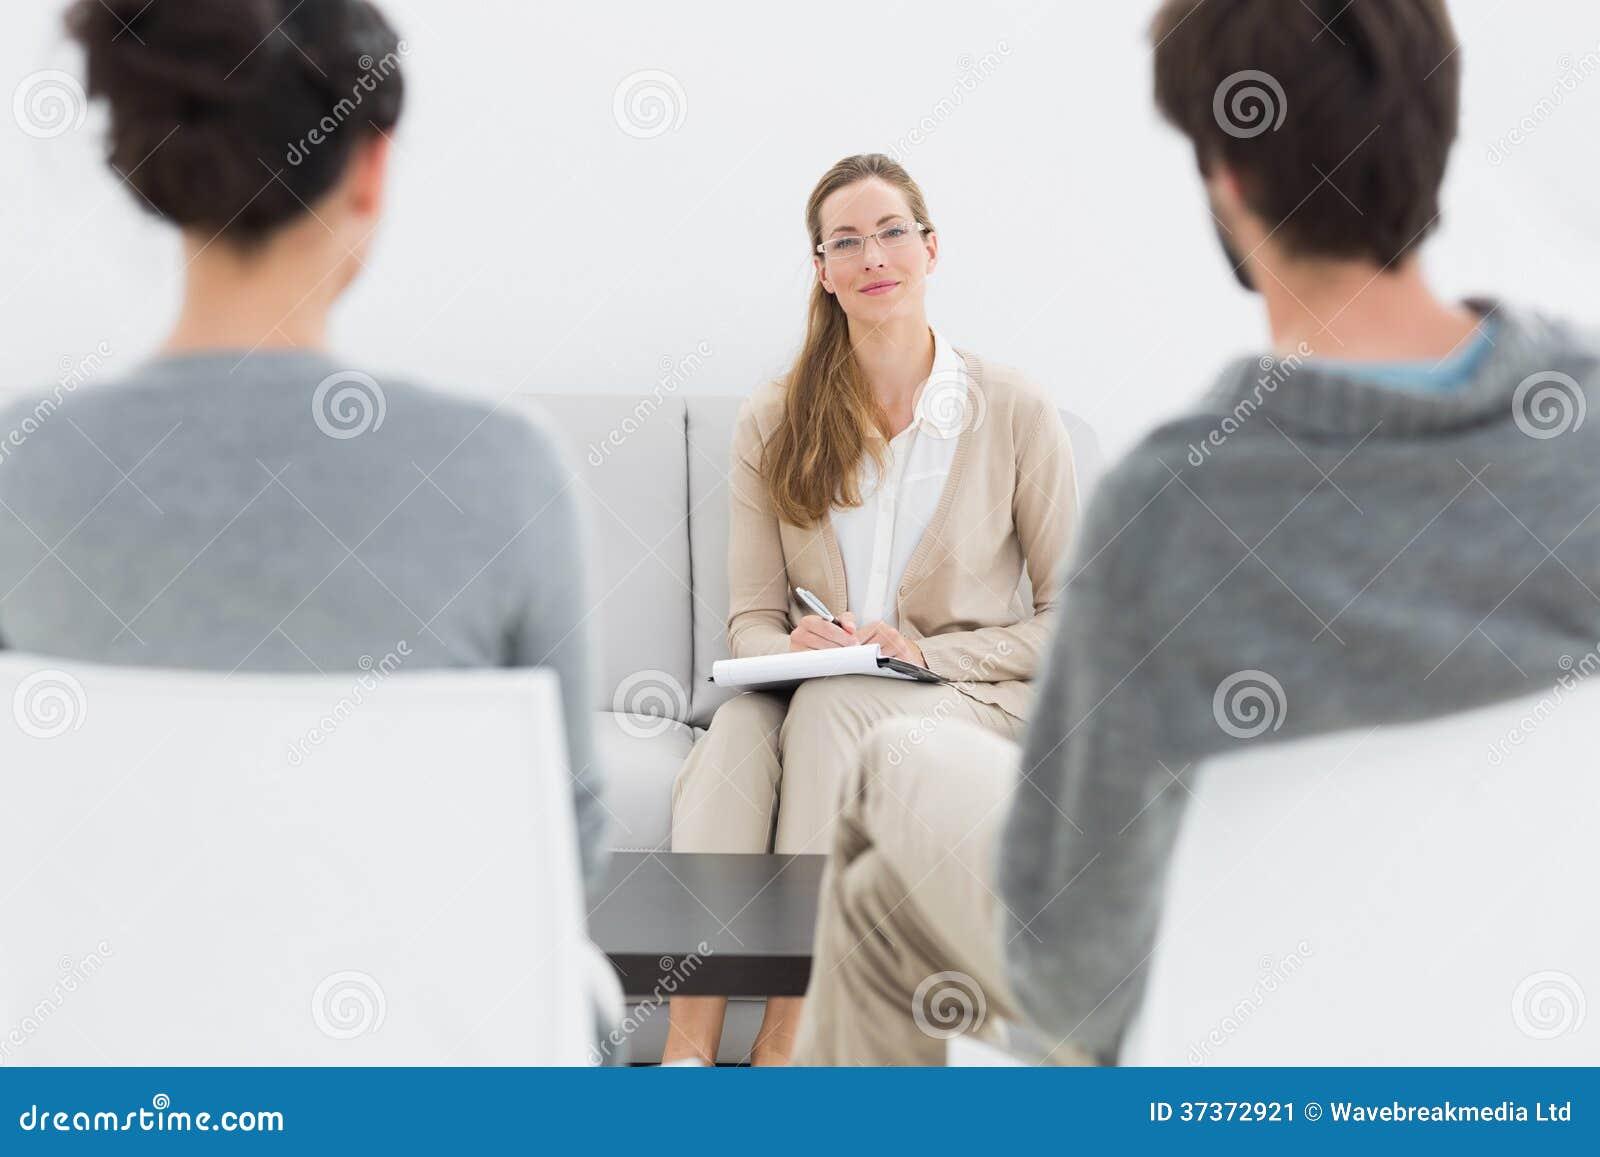 女性关系顾问在与年轻夫妇的会议